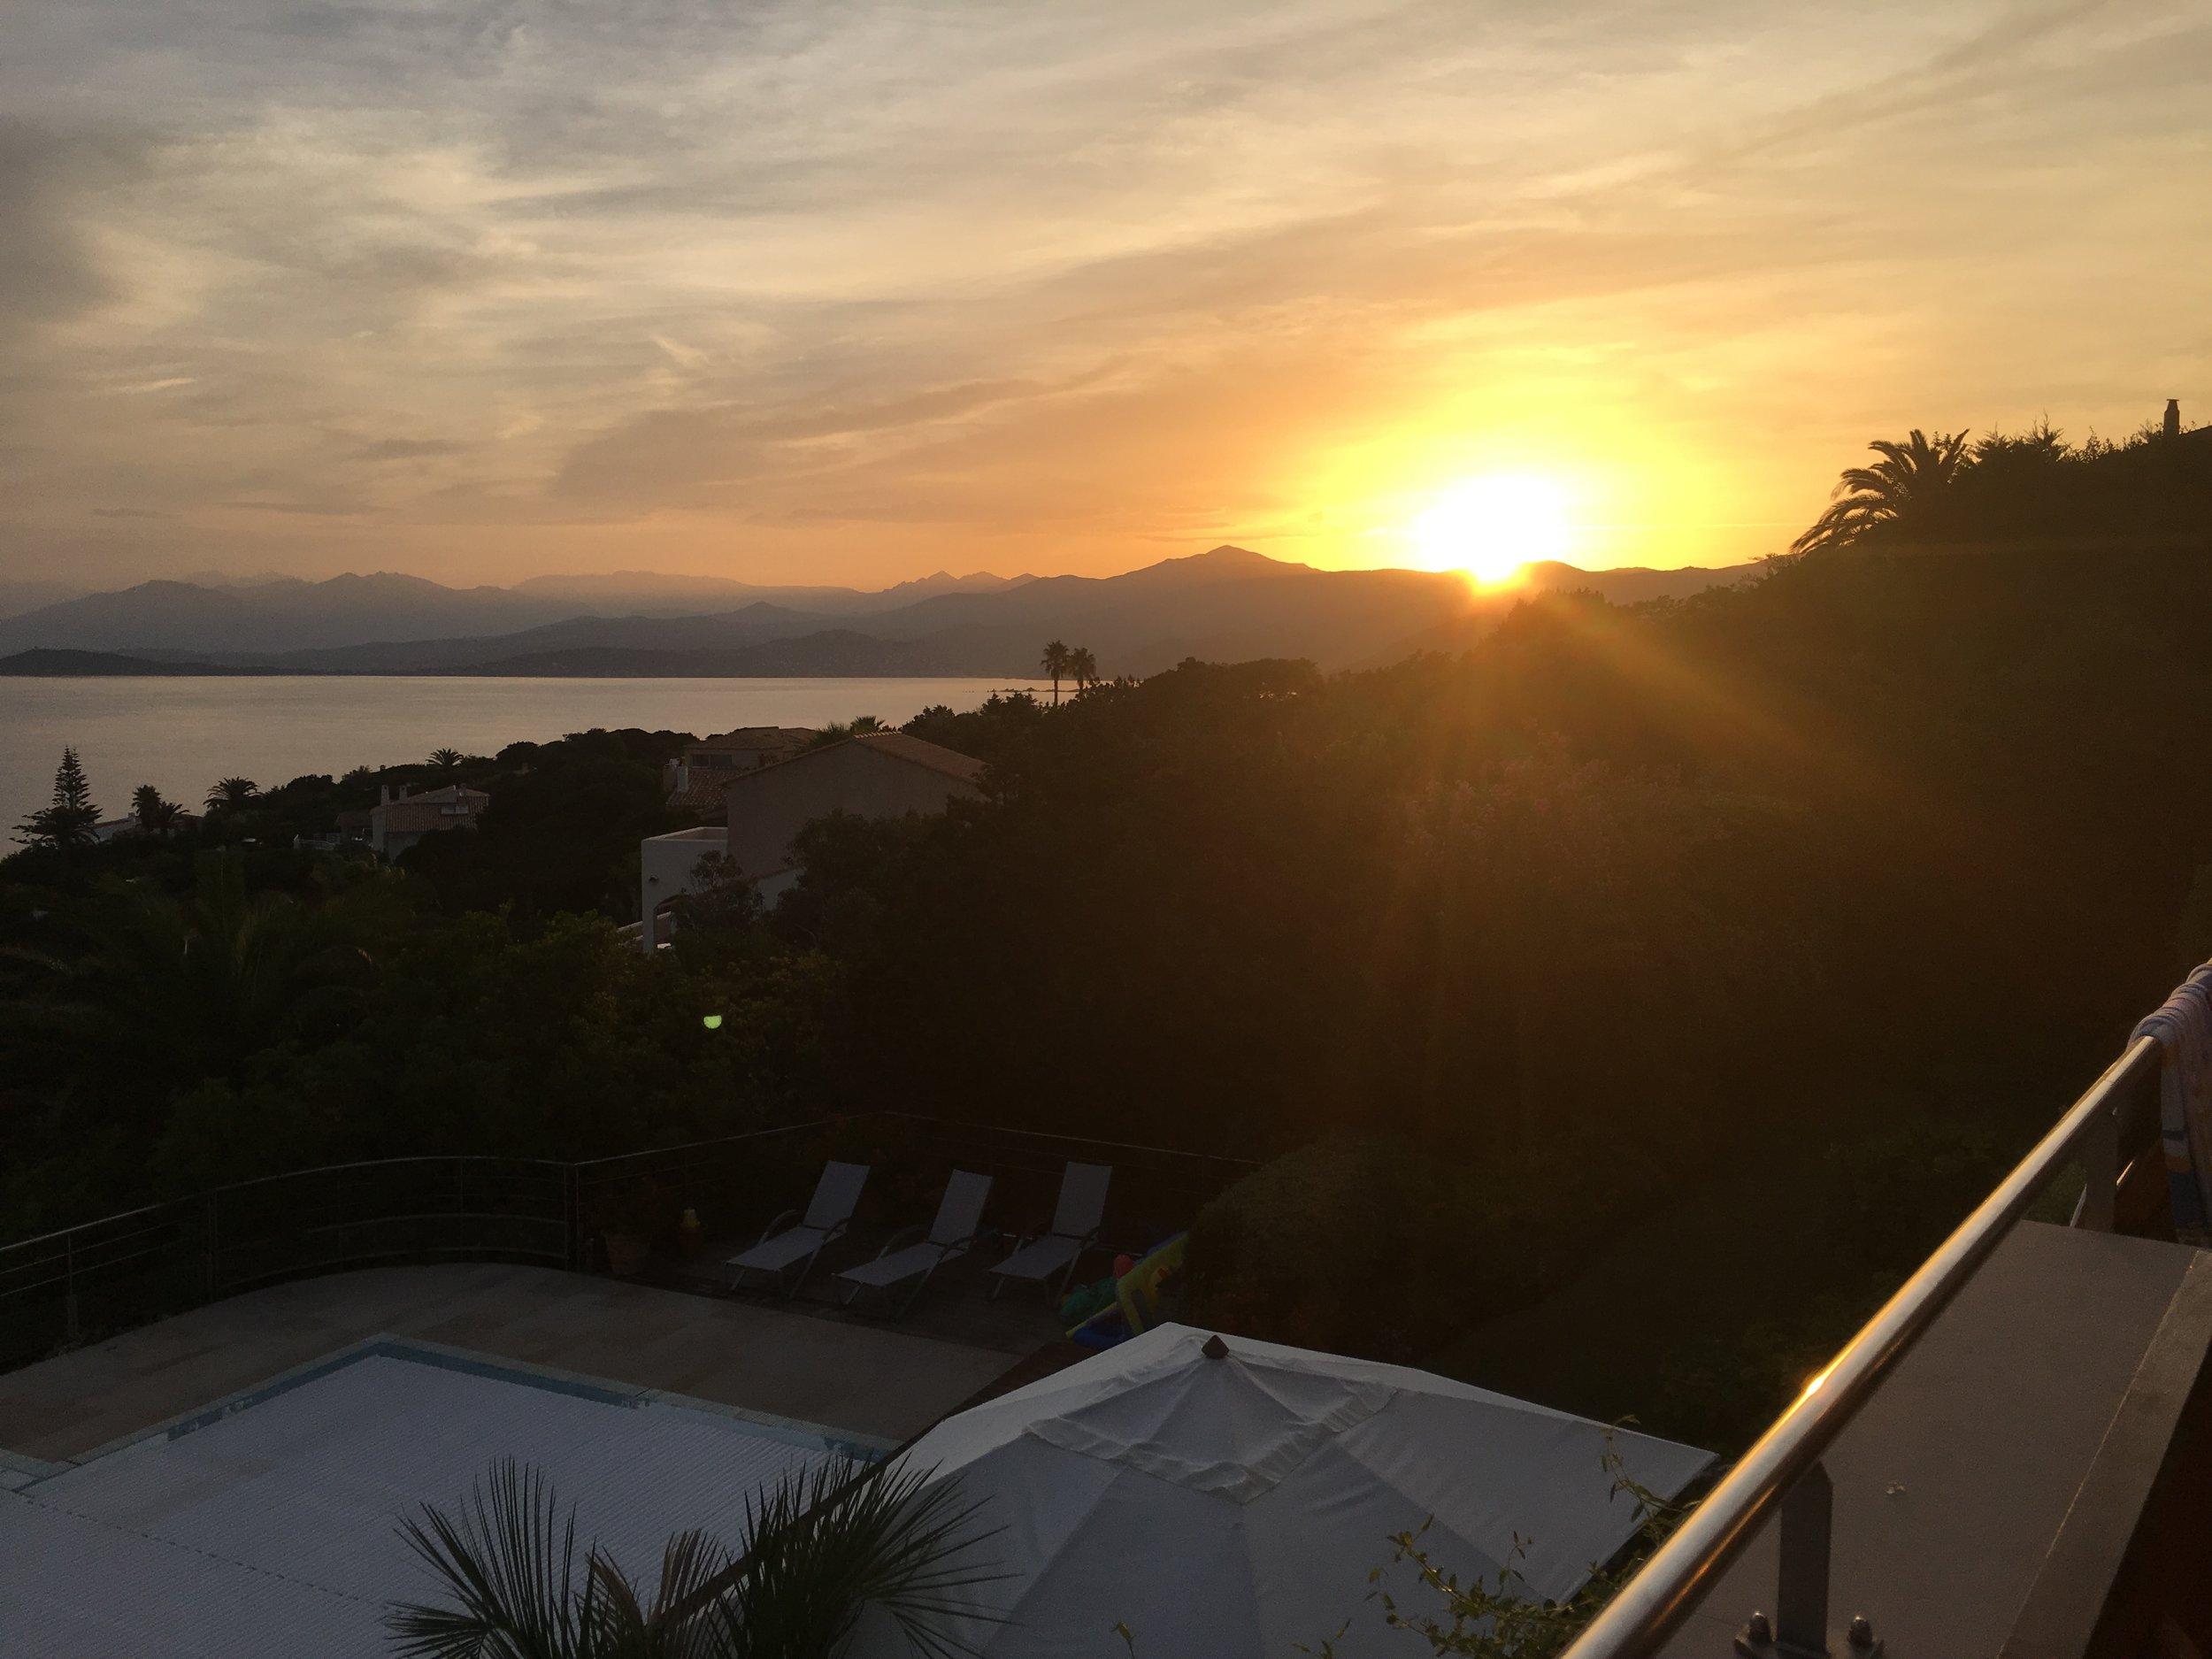 Sonnenaufgang von der oberen Terrasse